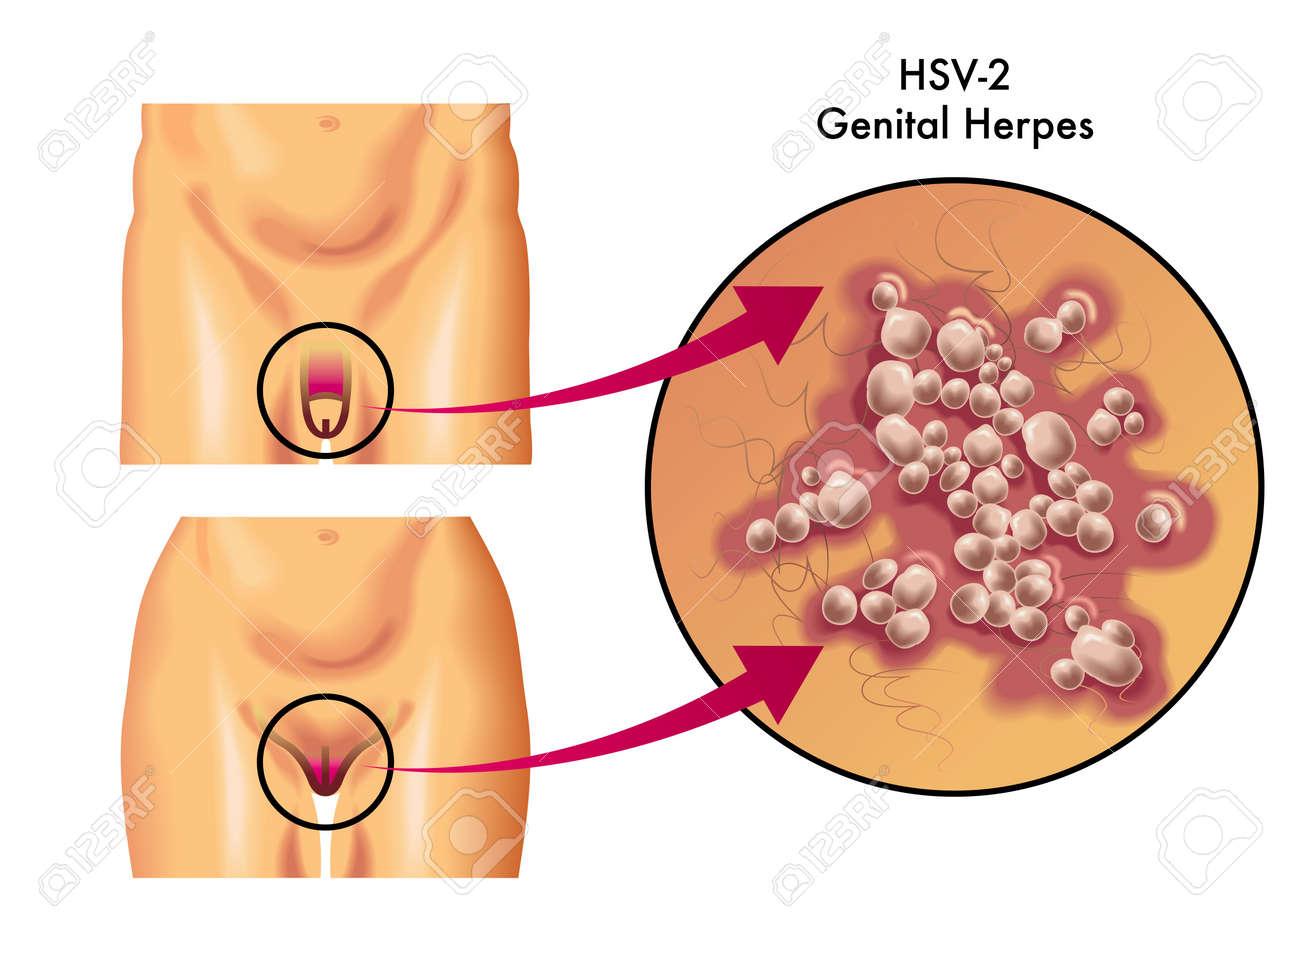 genital herpes Stock Vector - 14225603